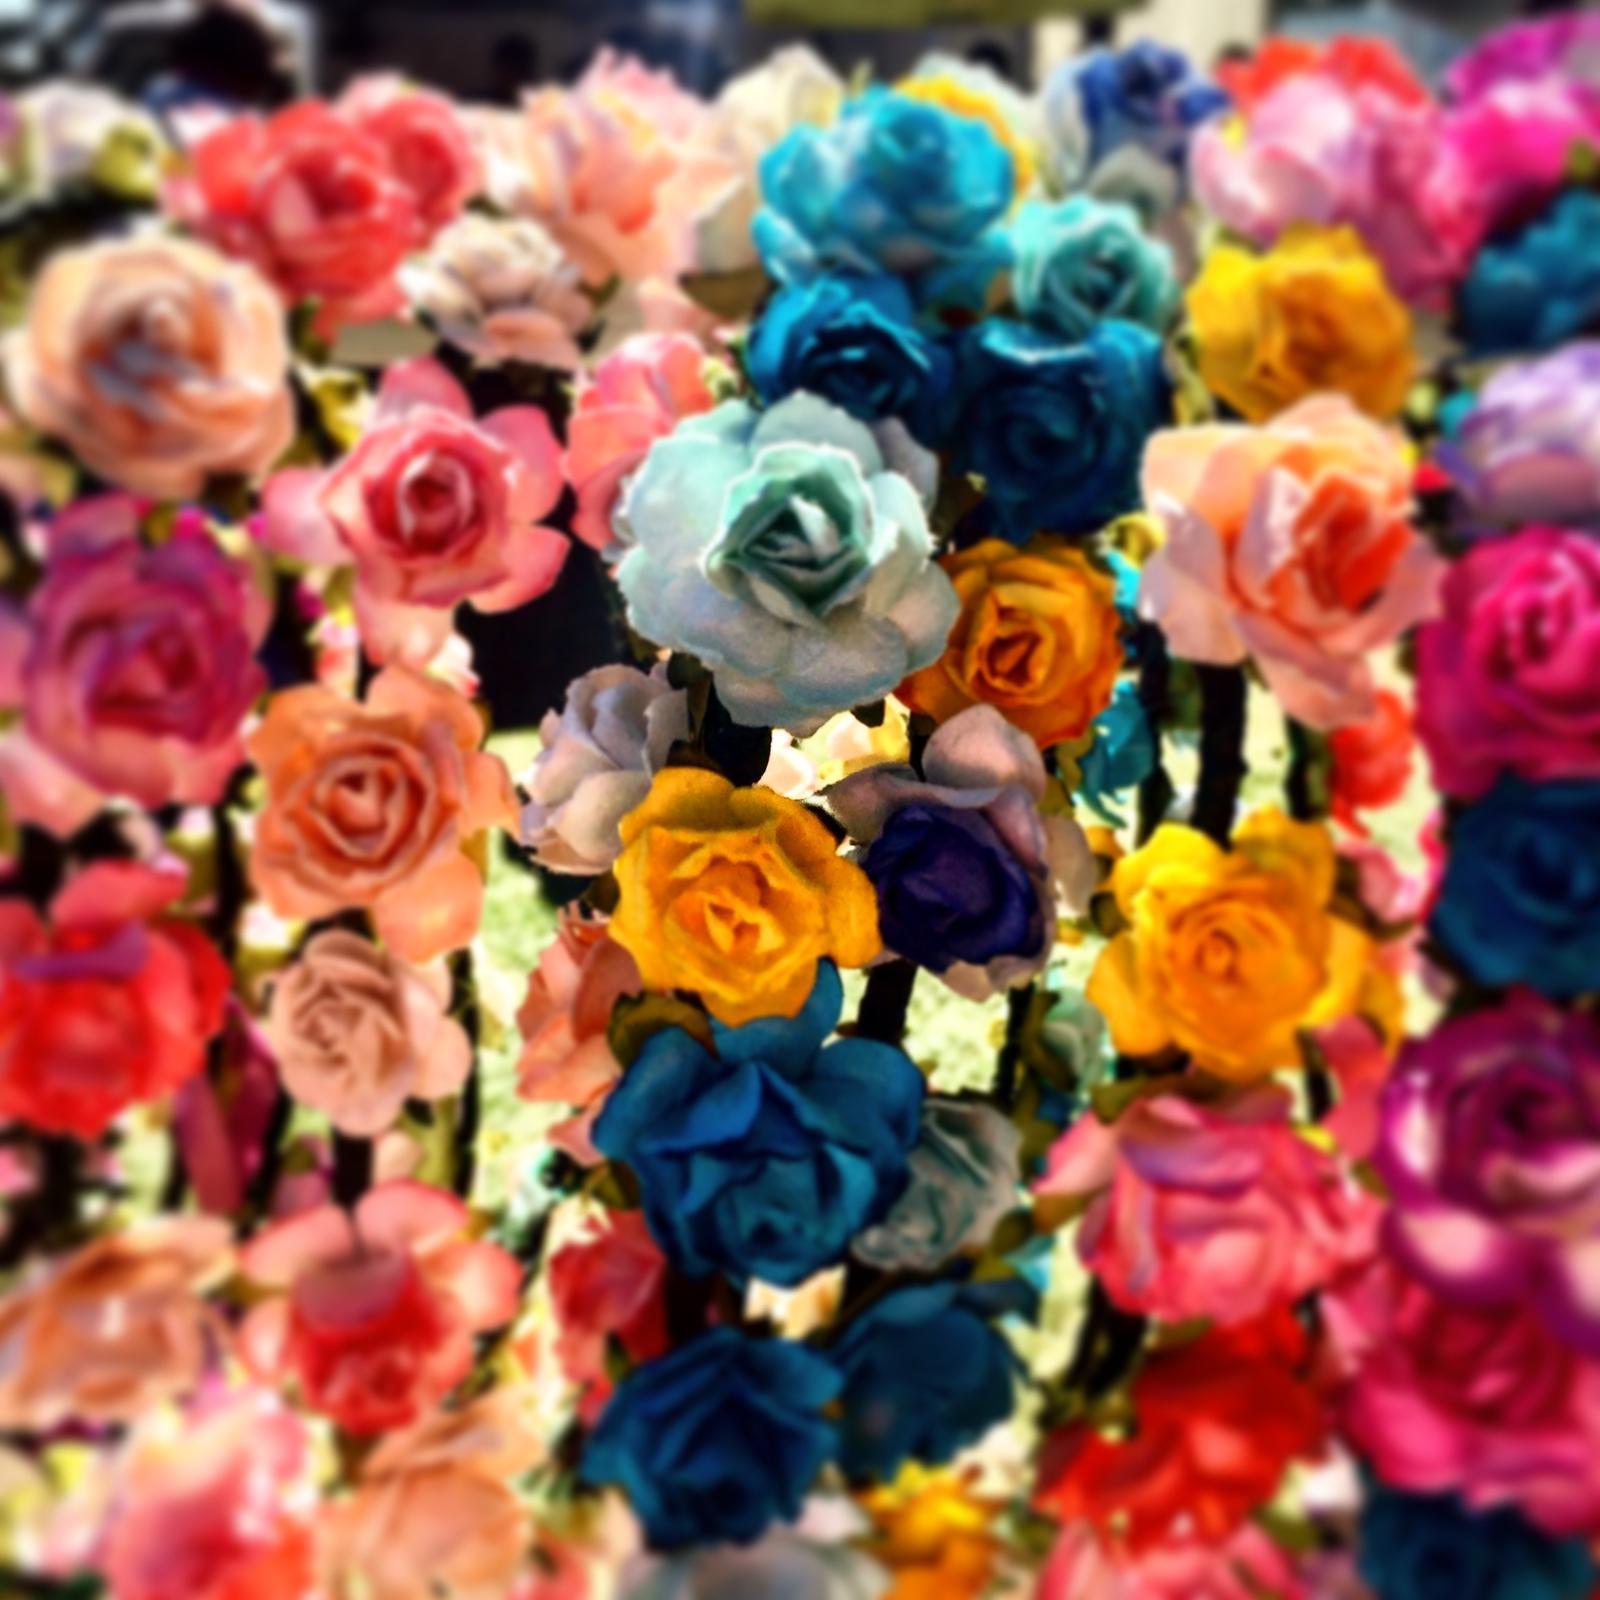 Flower crown frenzy